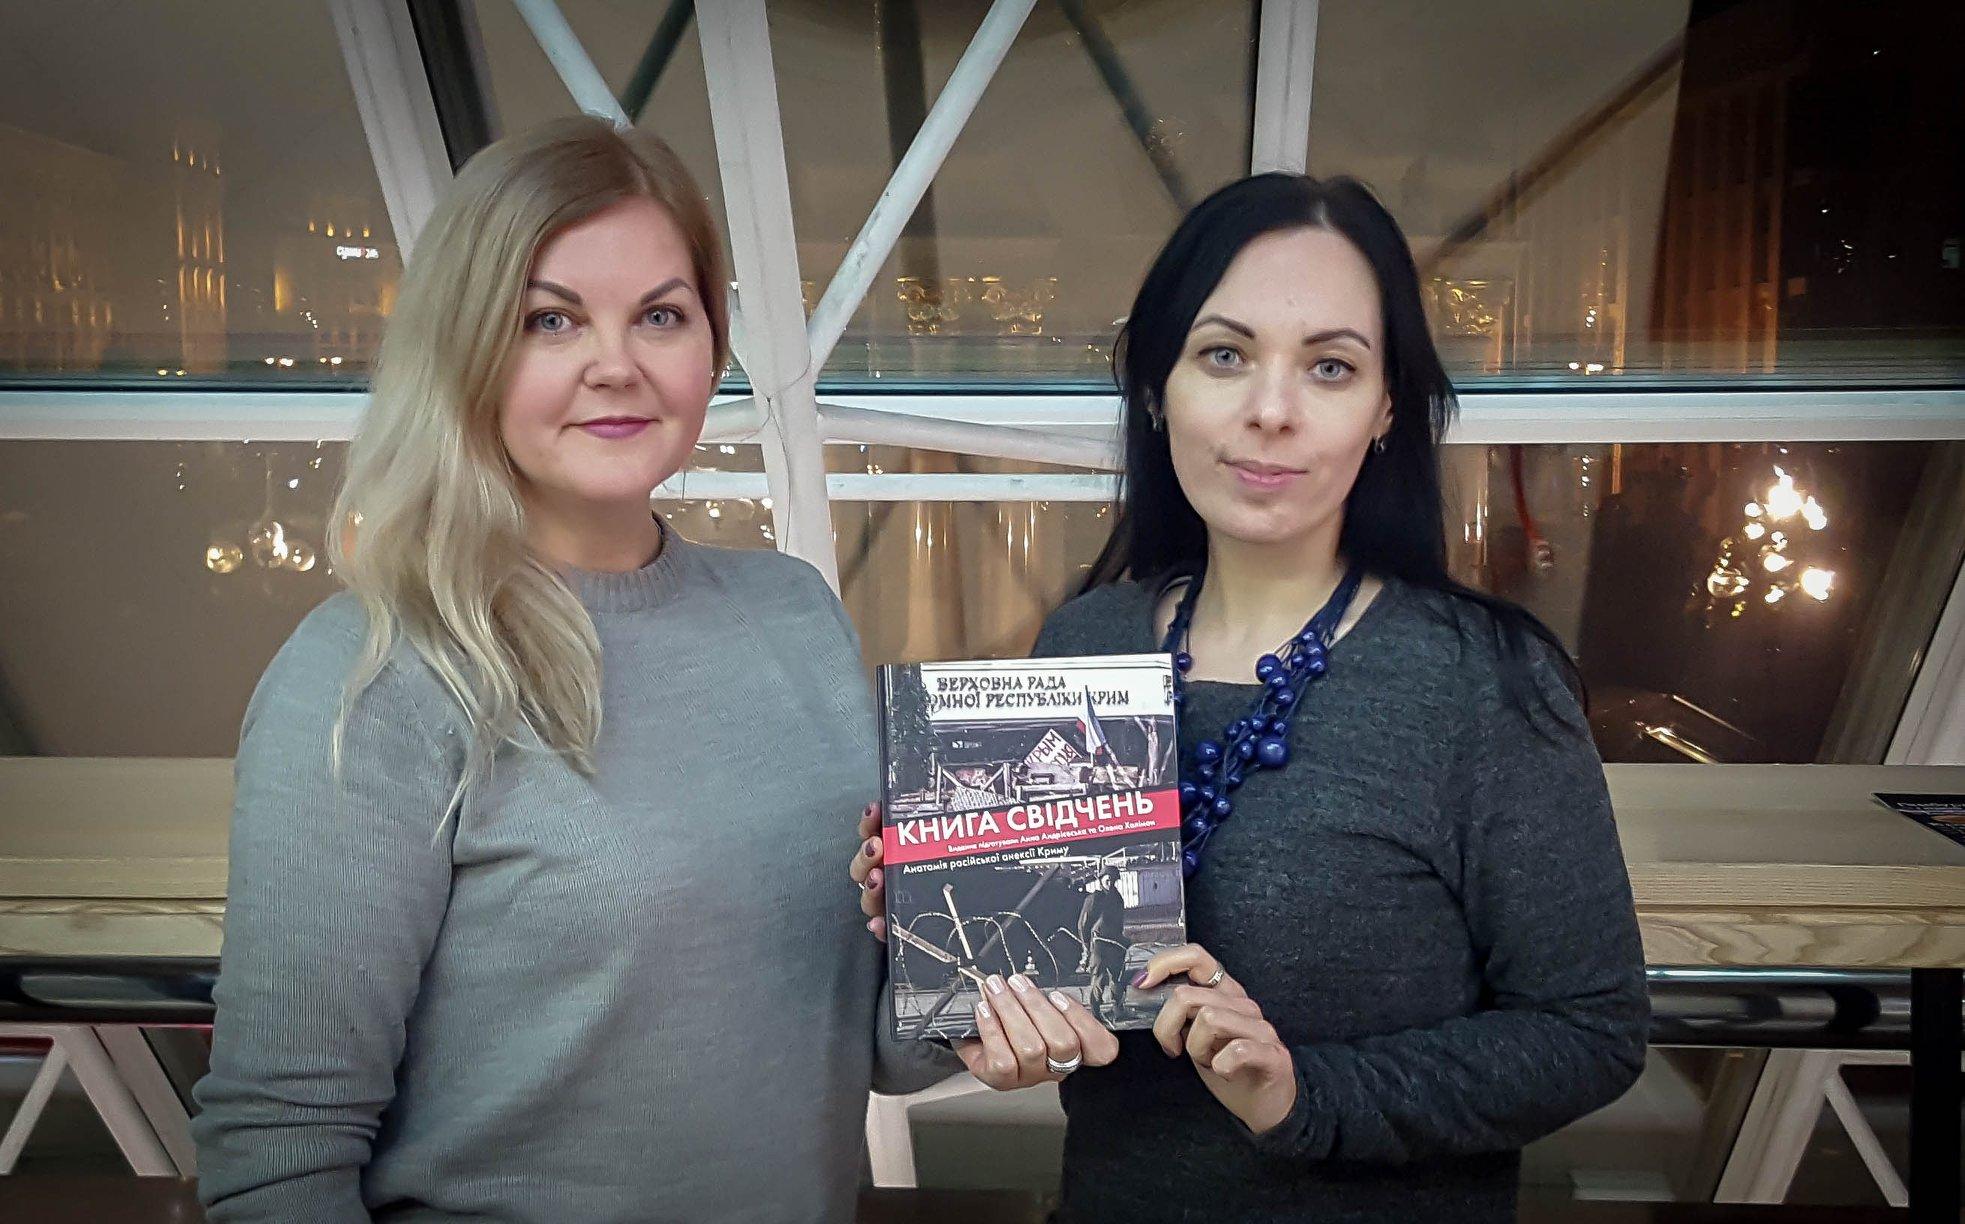 Журналістки Анна Андрієвська та Олена Халімон презентують книгу